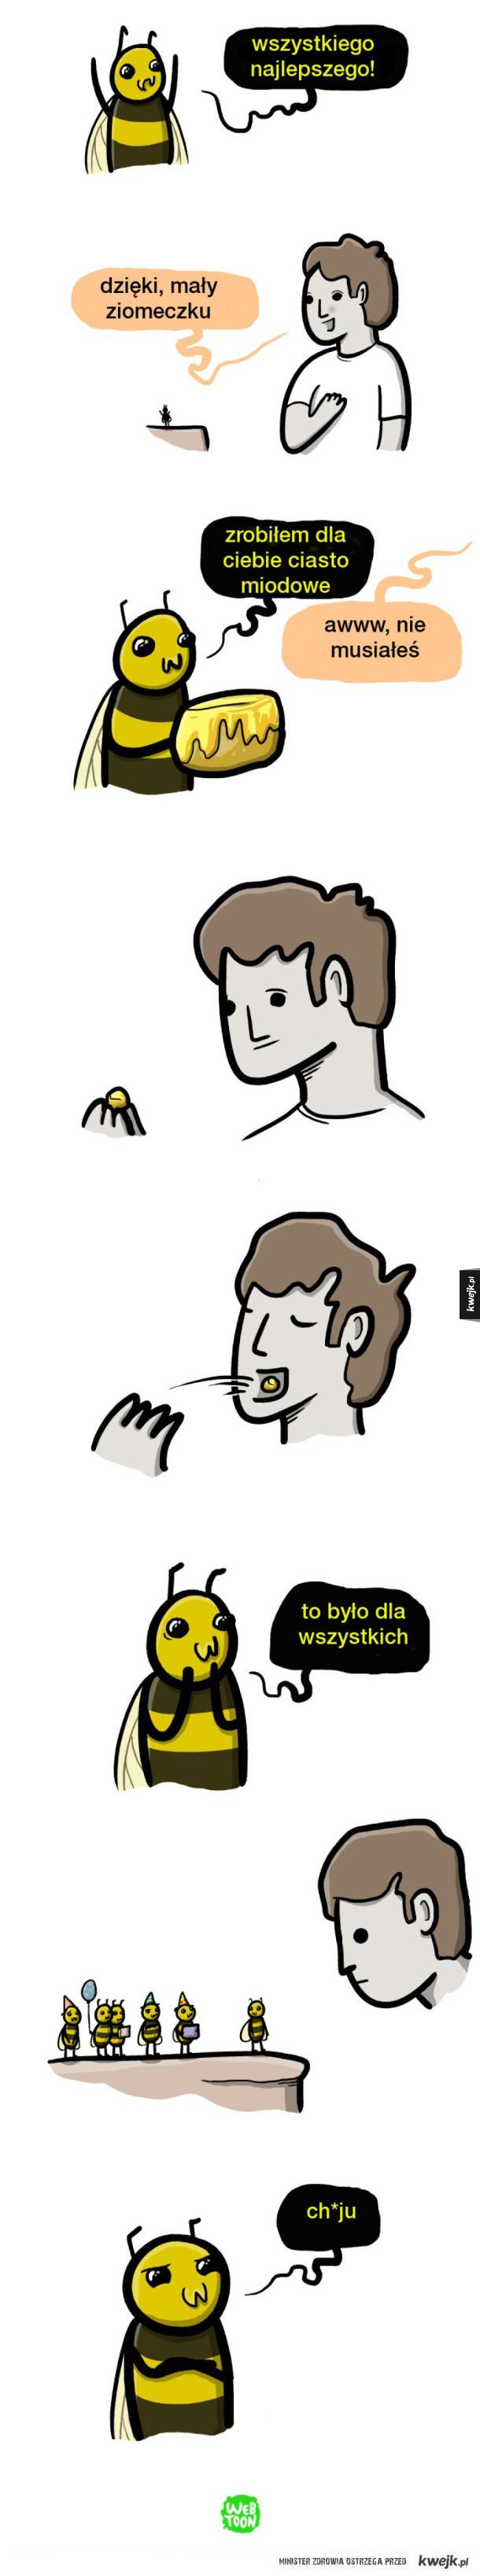 Dobry ziomek pszczółka